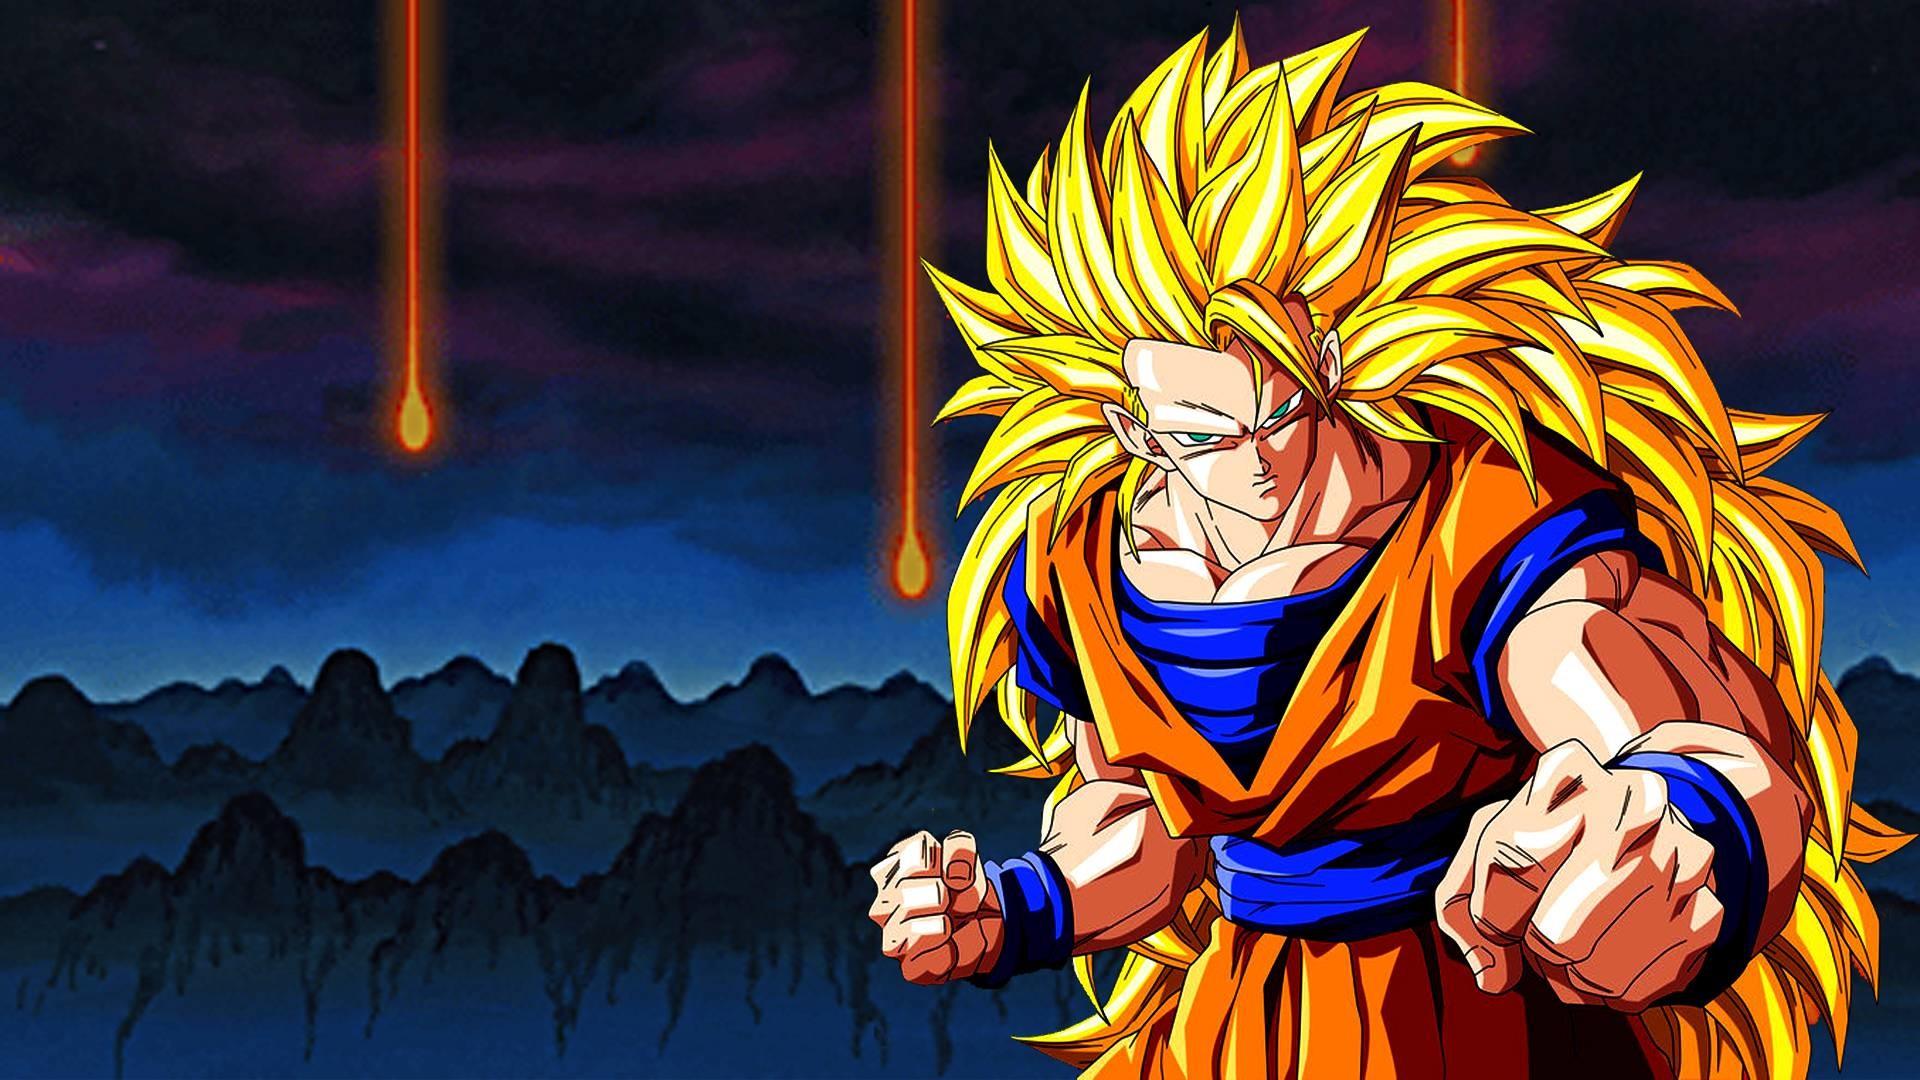 Dragon Ball Z Wallpapers Goku Wallpapers) – Adorable Wallpapers